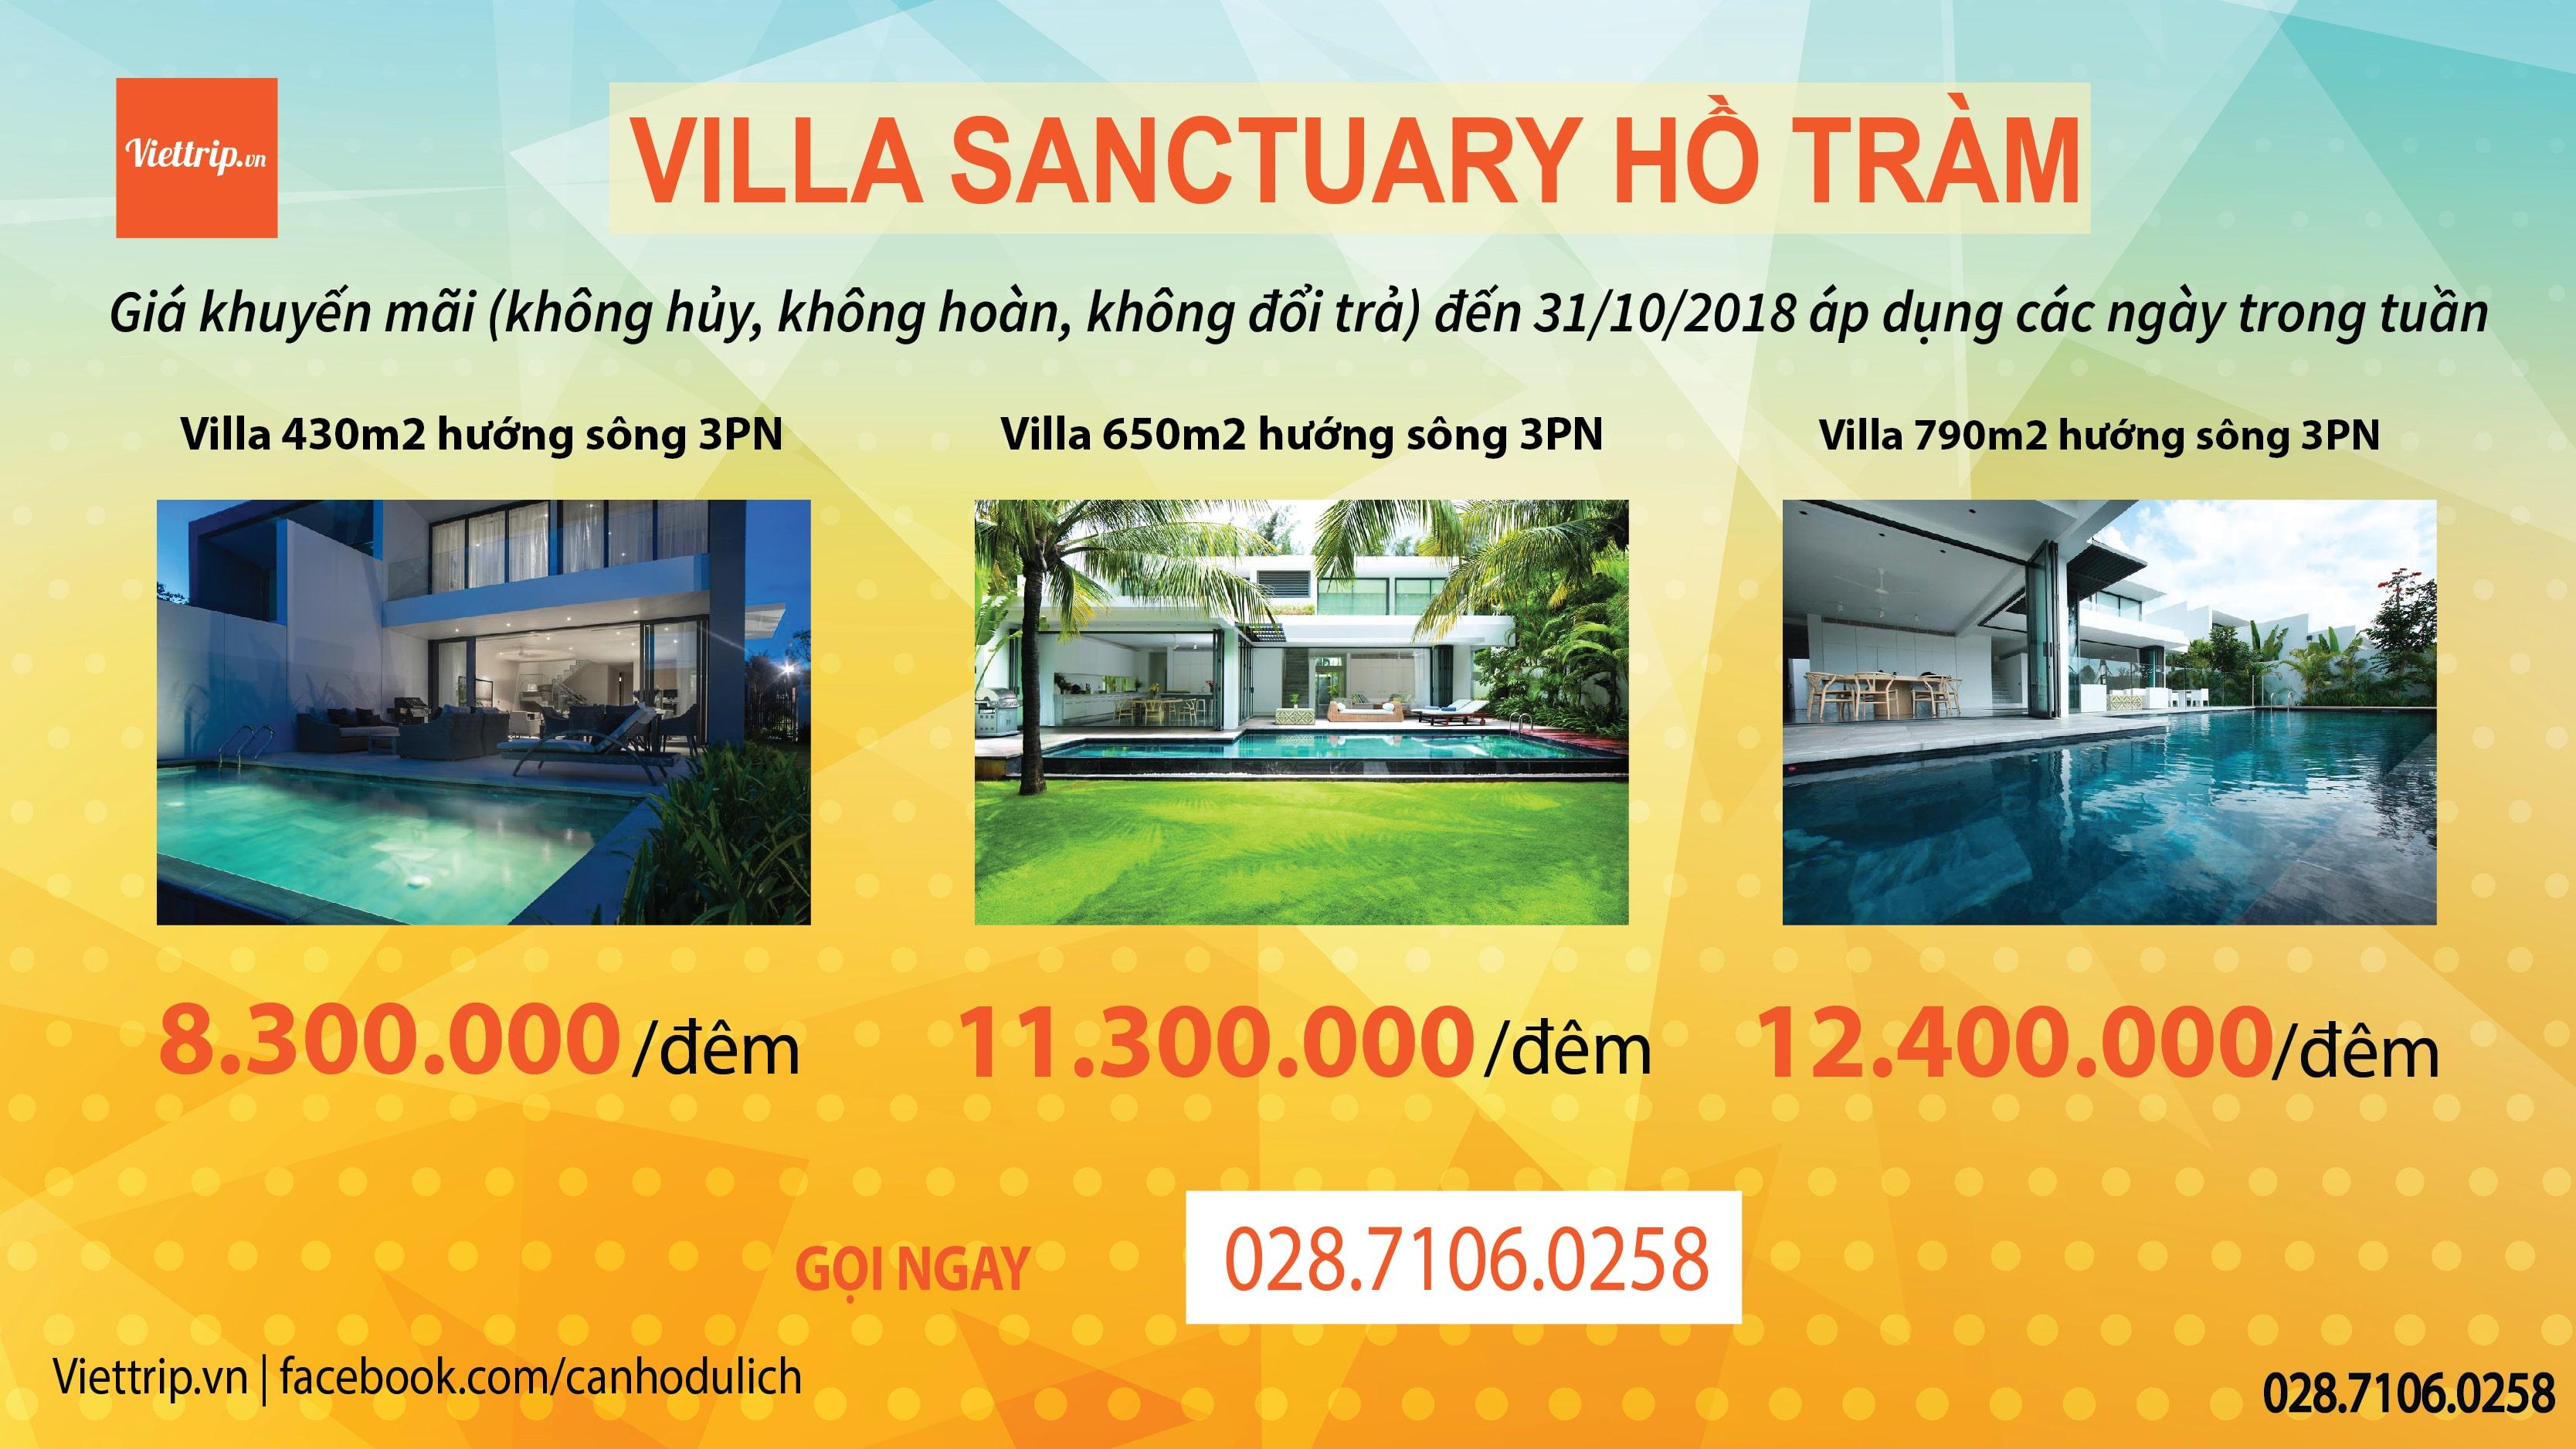 https://s3-ap-southeast-1.amazonaws.com/viettrip/Products/3a92708a-188c-4e82-a078-610e5d0f421b/100007_10092018_banner-santuary-villa-01-min.jpg